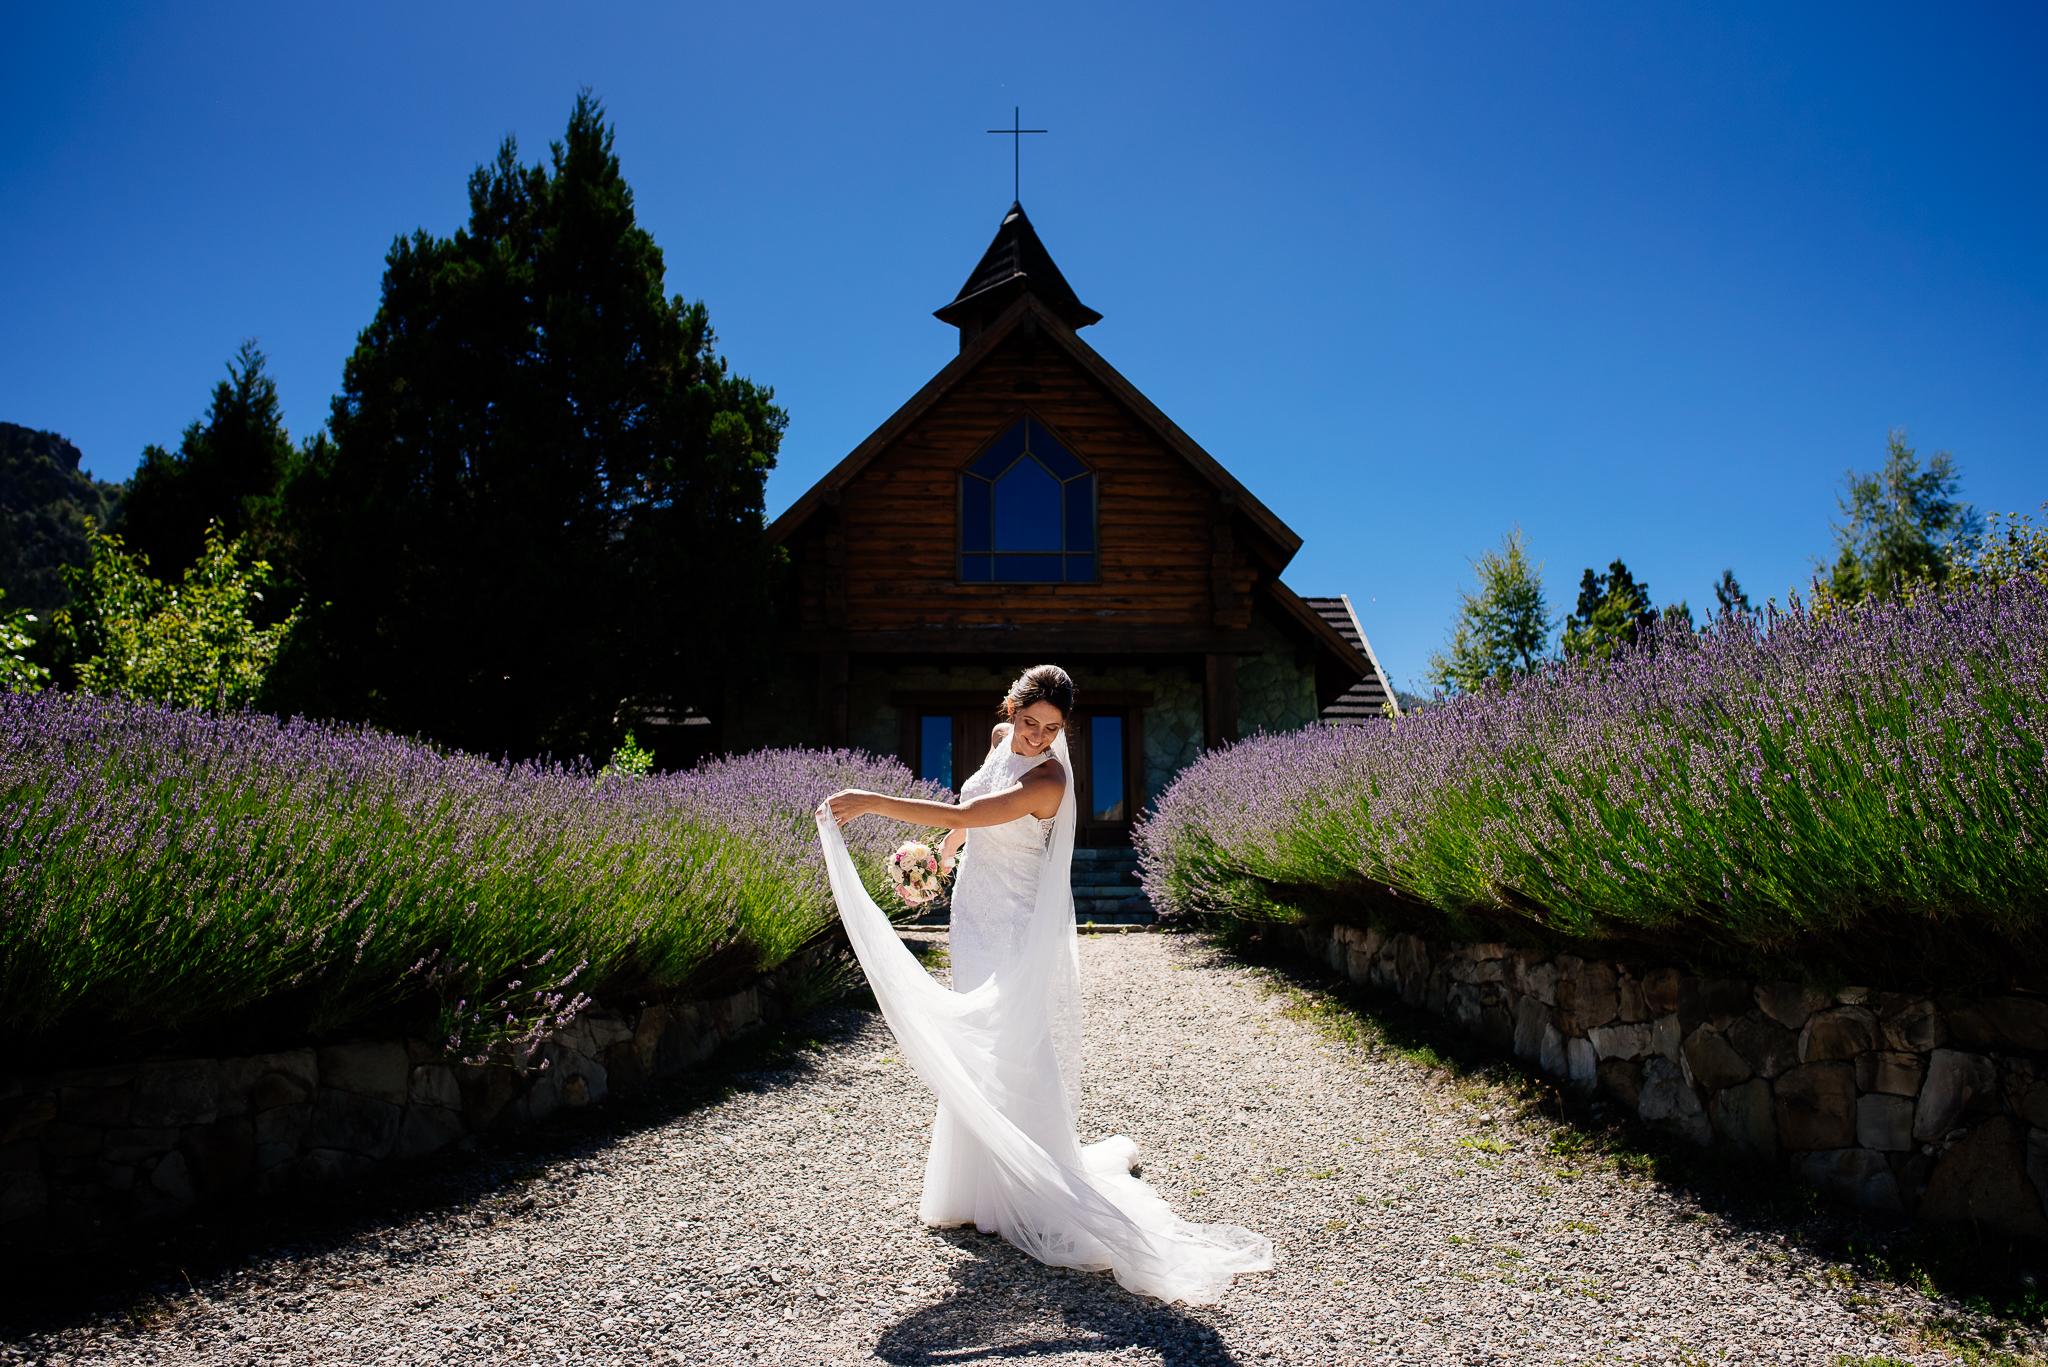 boda-bariloche-maxi-oviedo-fotografo-ramo-vestido-de-novia-47.jpg